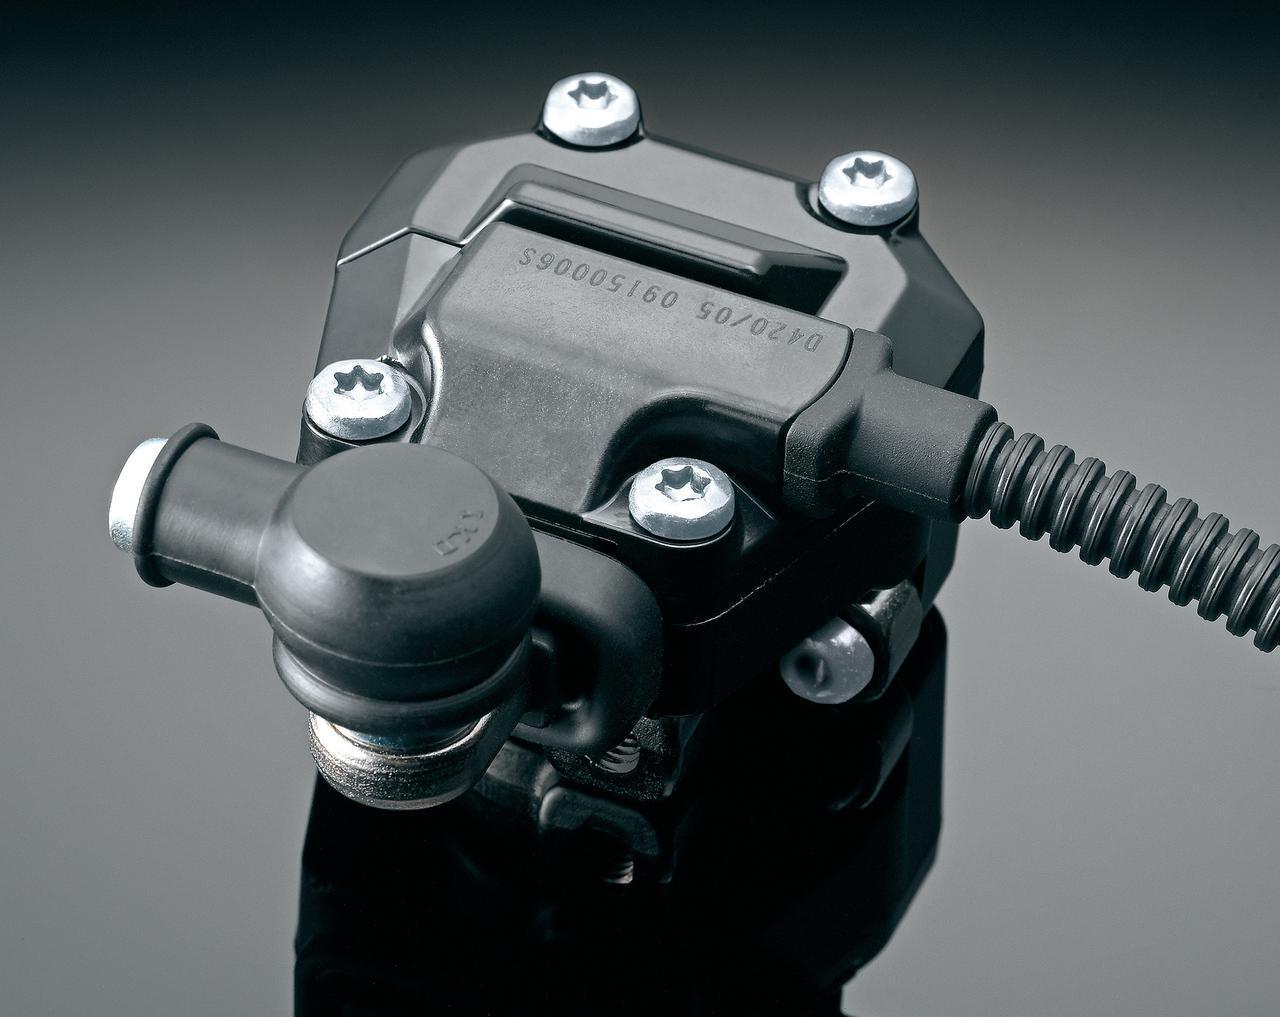 画像: クイックシフターはアップ/ダウン対応。センサーをシフトロッドとは別体としてキレのいいシフトフィールを実現。